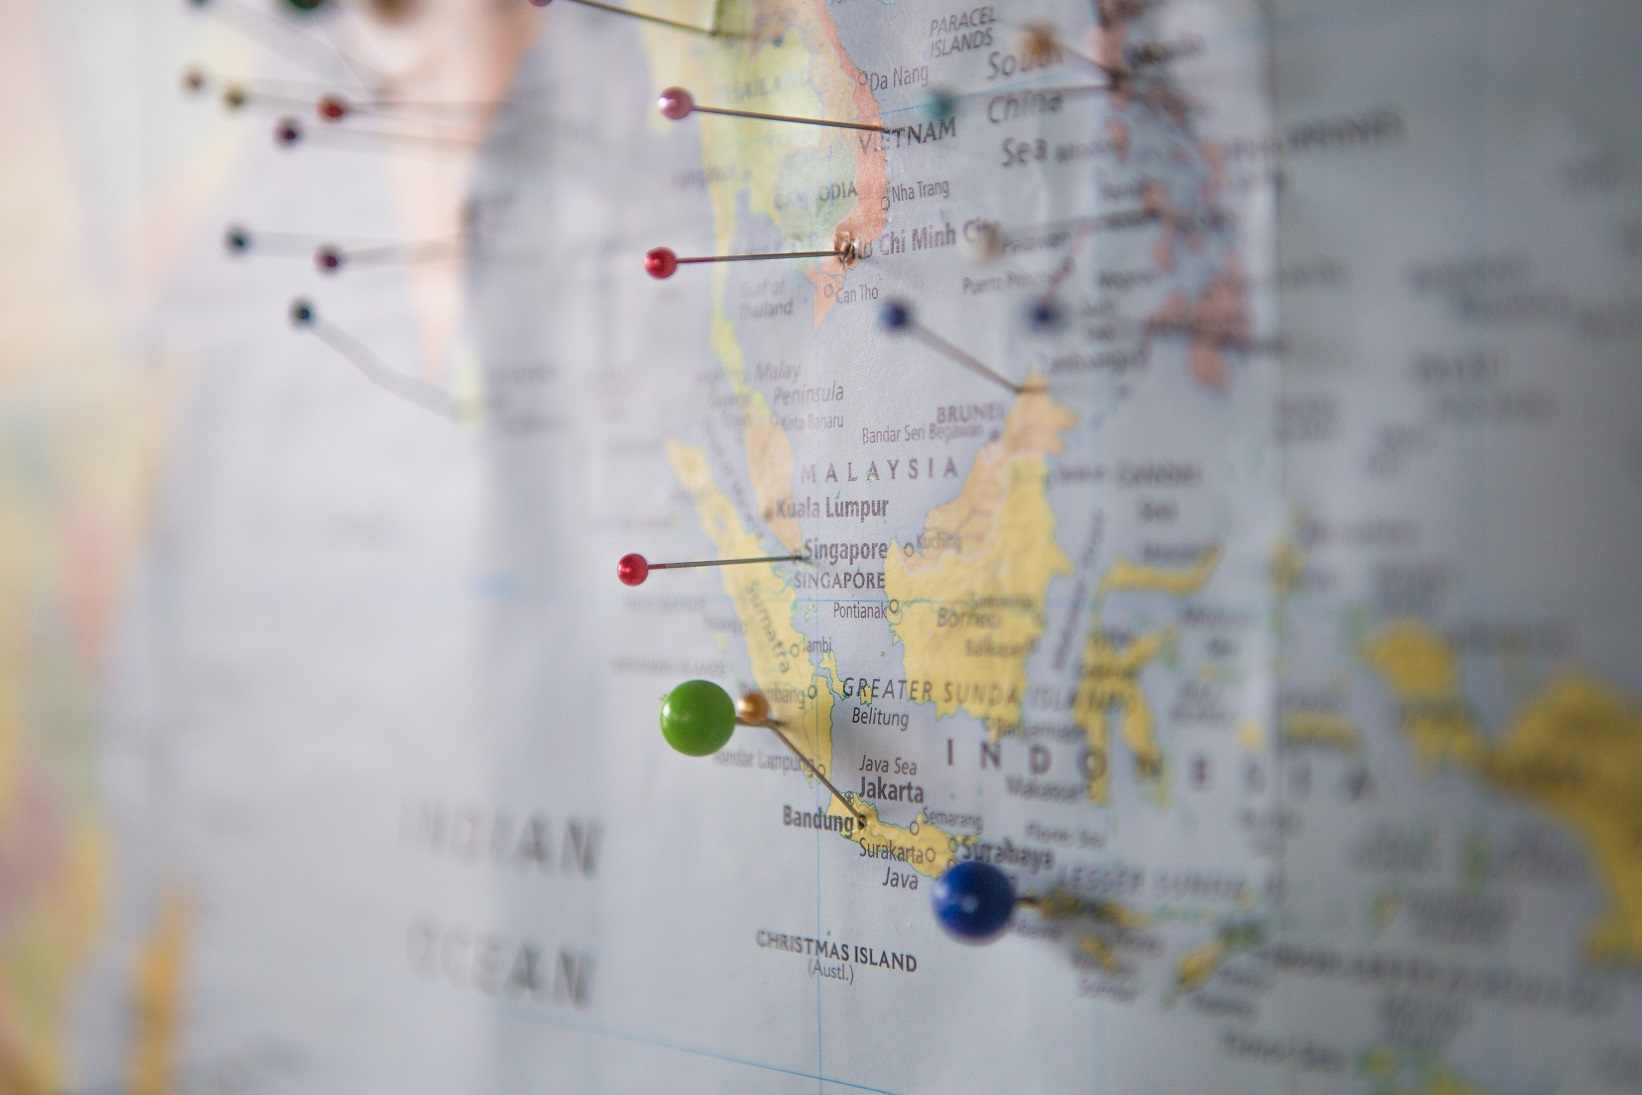 Cartina Bali Indonesia.Mappa Di Bali Gratuita Interattiva E Tascabile Vacanze A Bali